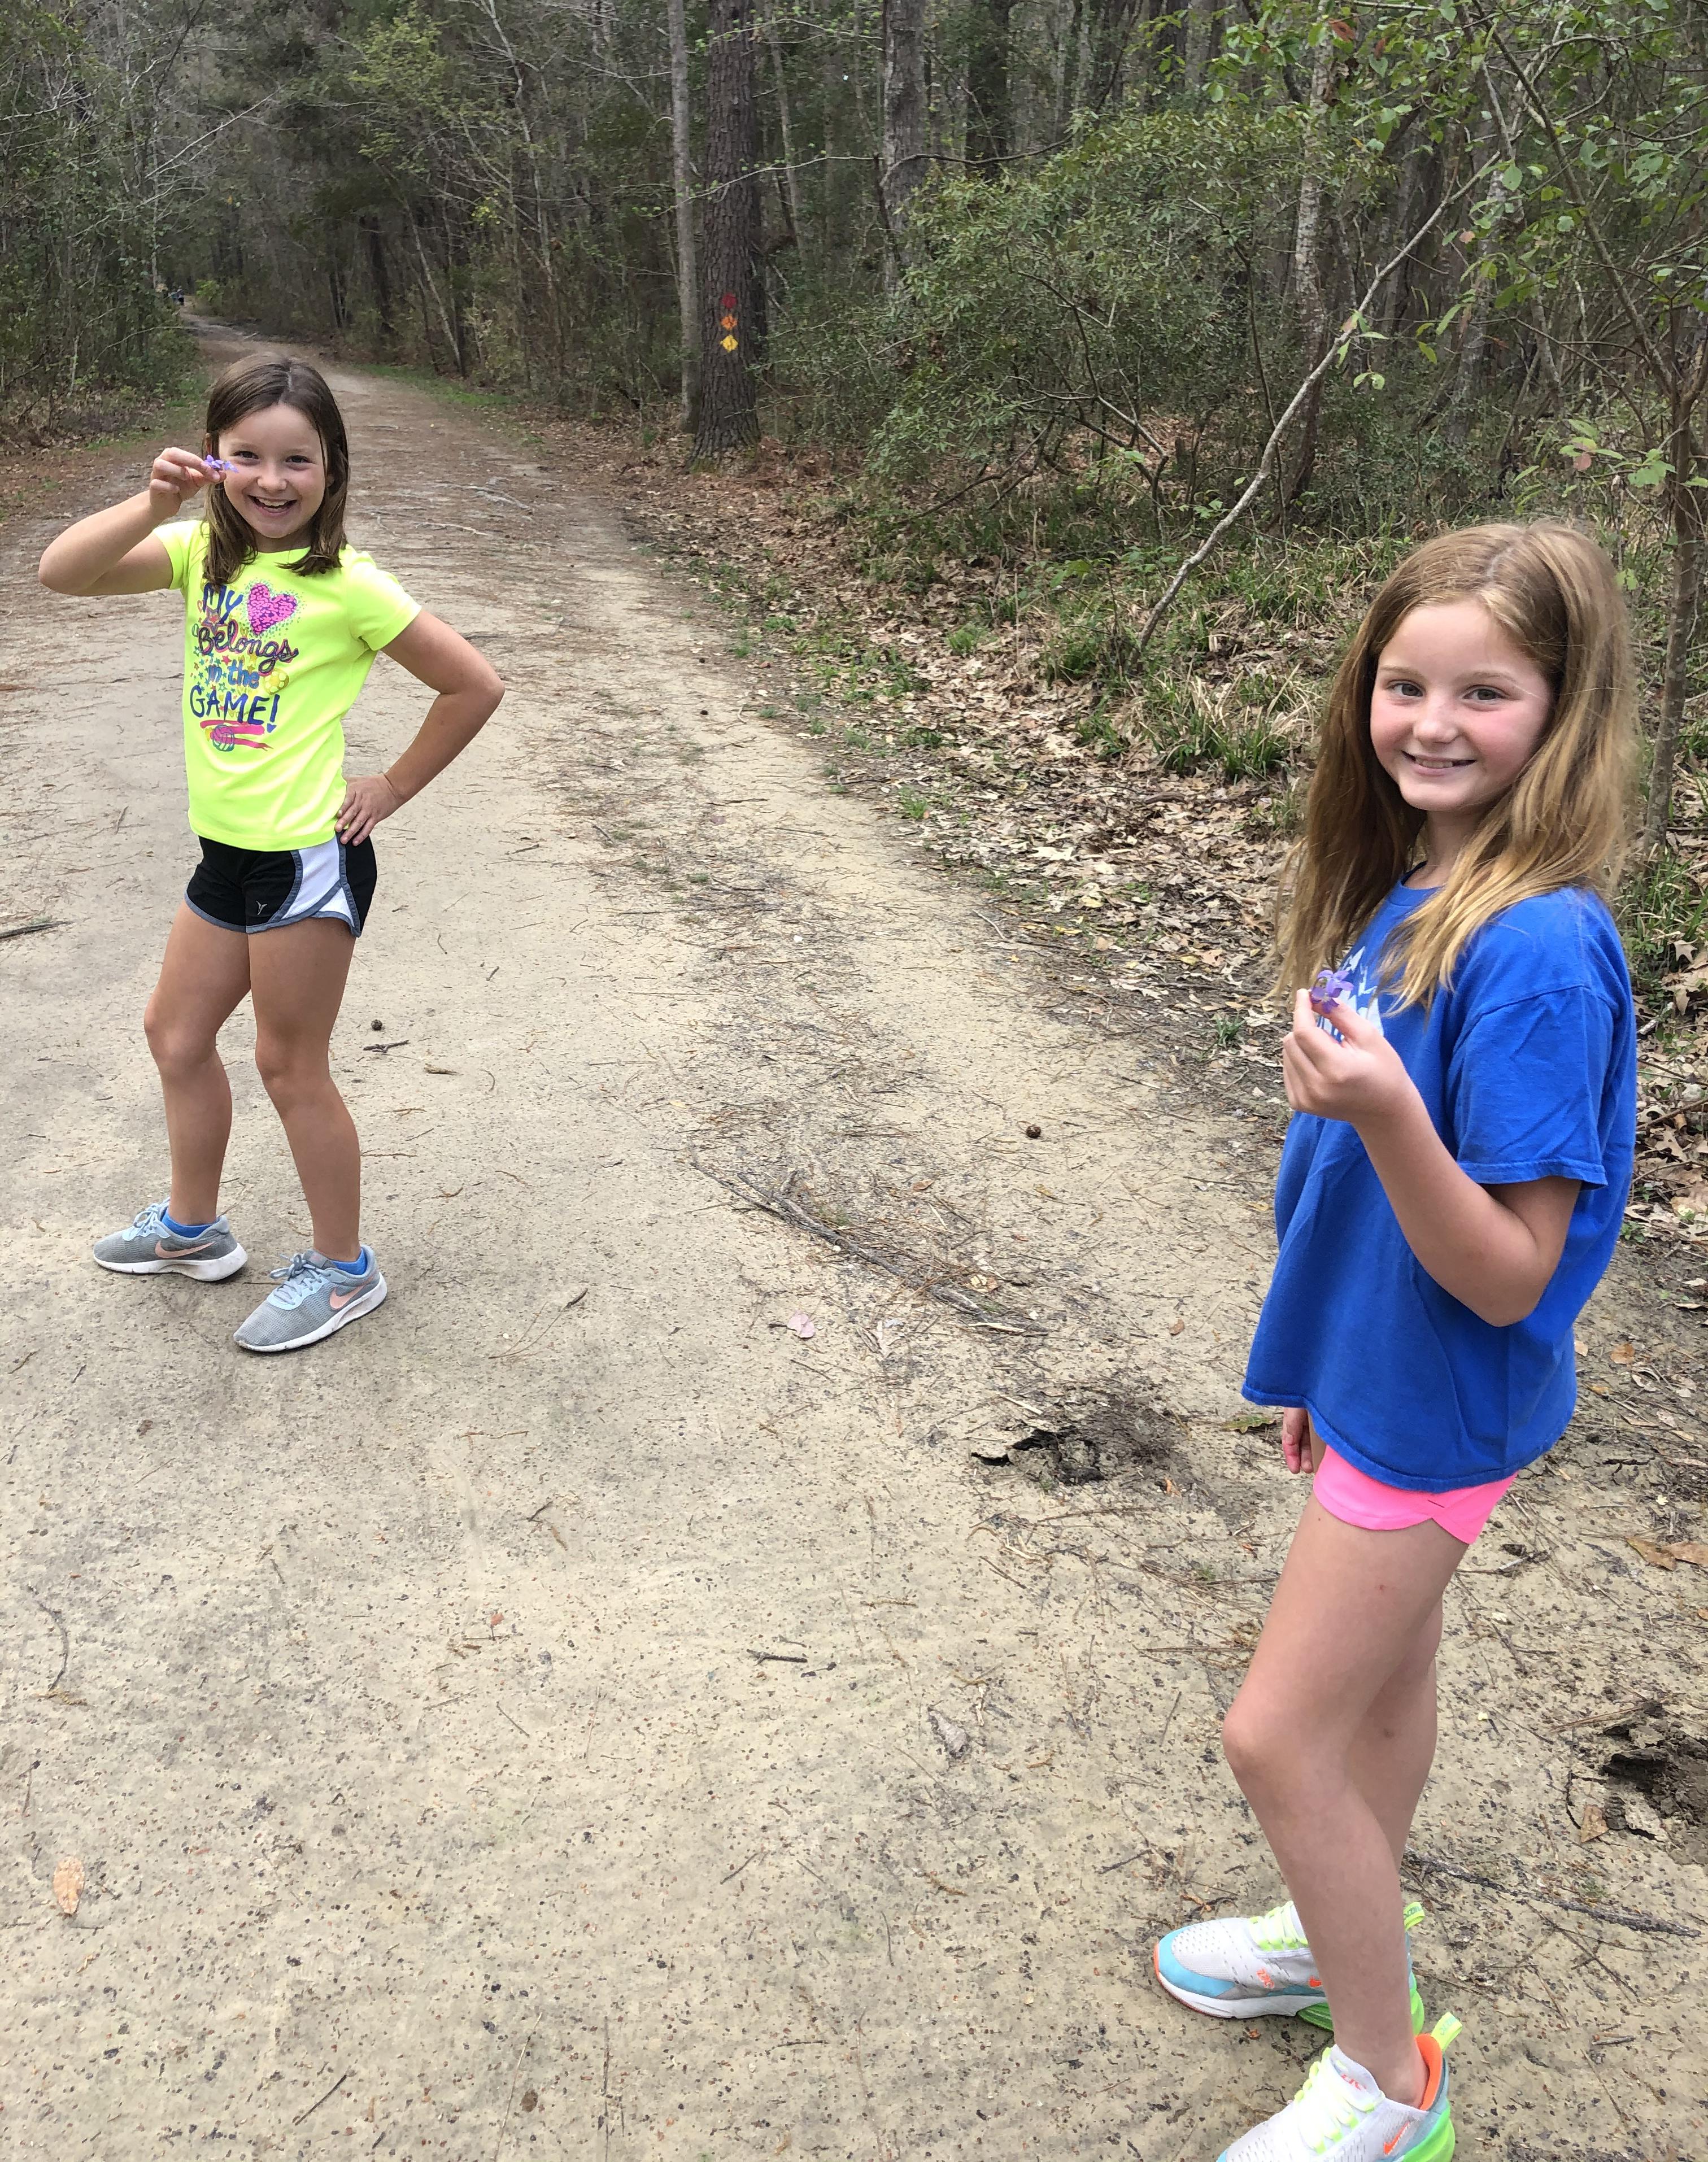 Lilah Kowalski and Lilah May take a social distancing nature walk.